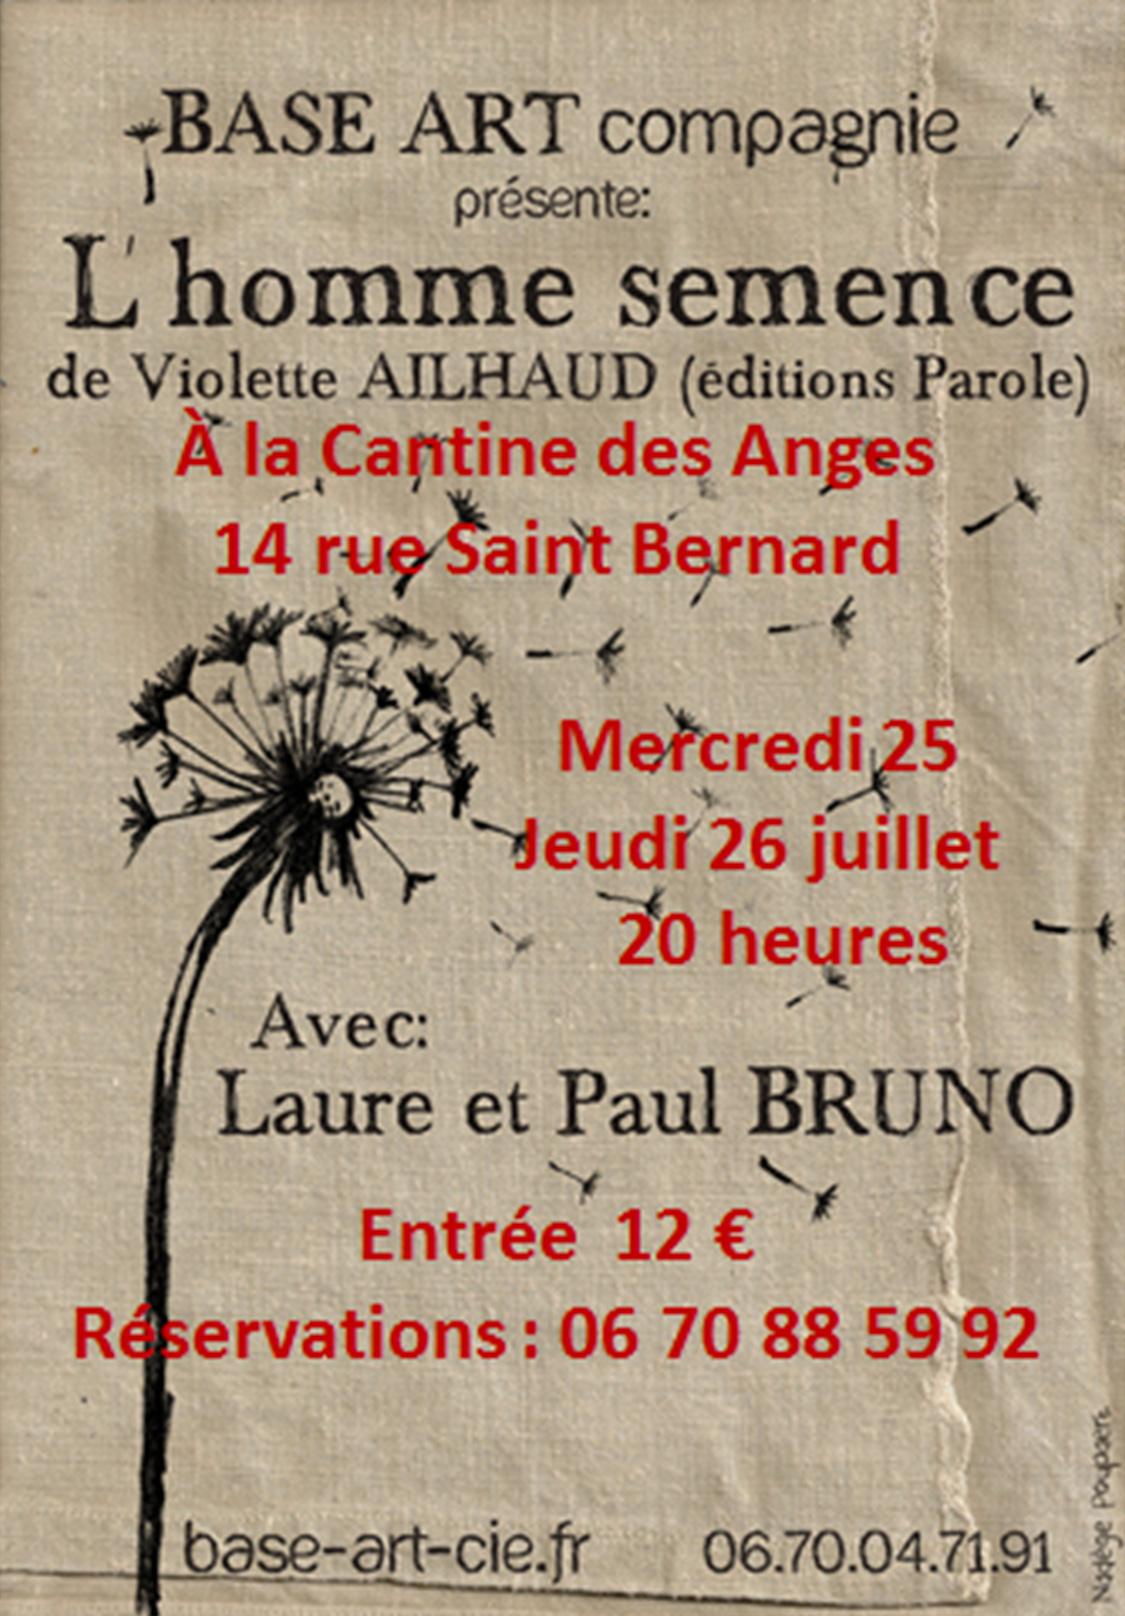 Base Art Compagnie présente L'homme semence au Festival d'Avignon, les 25 et 26 juillet ...